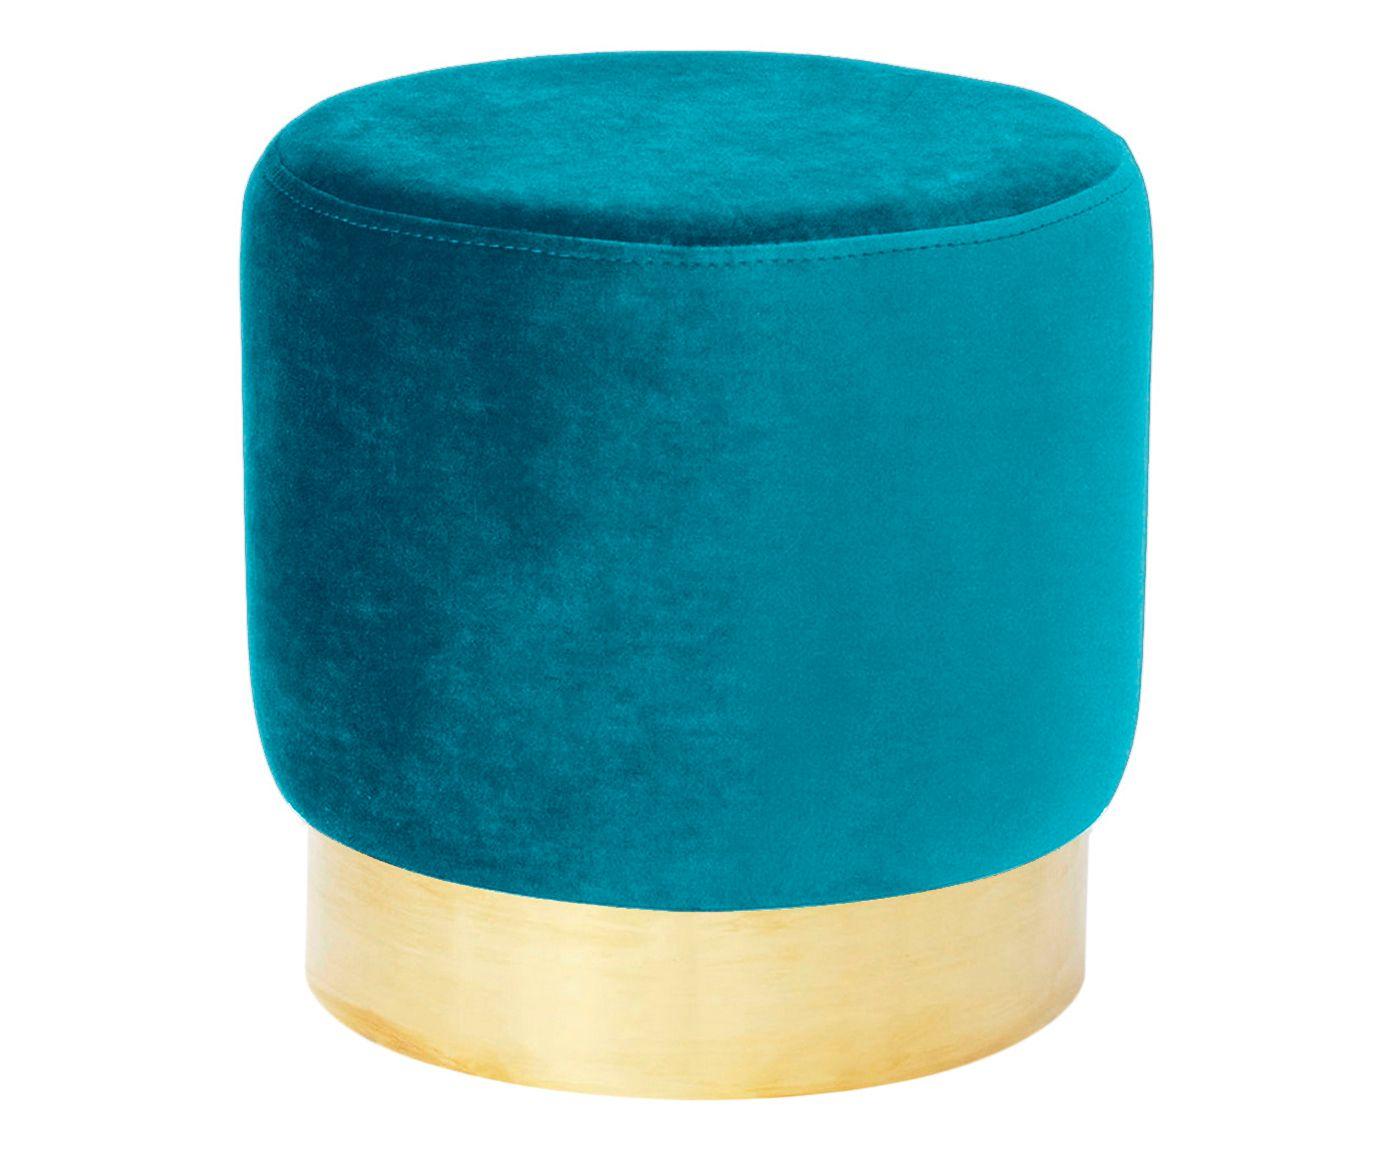 Pufe em Veludo Harlow Azul Pav‹o - 40cm | Westwing.com.br